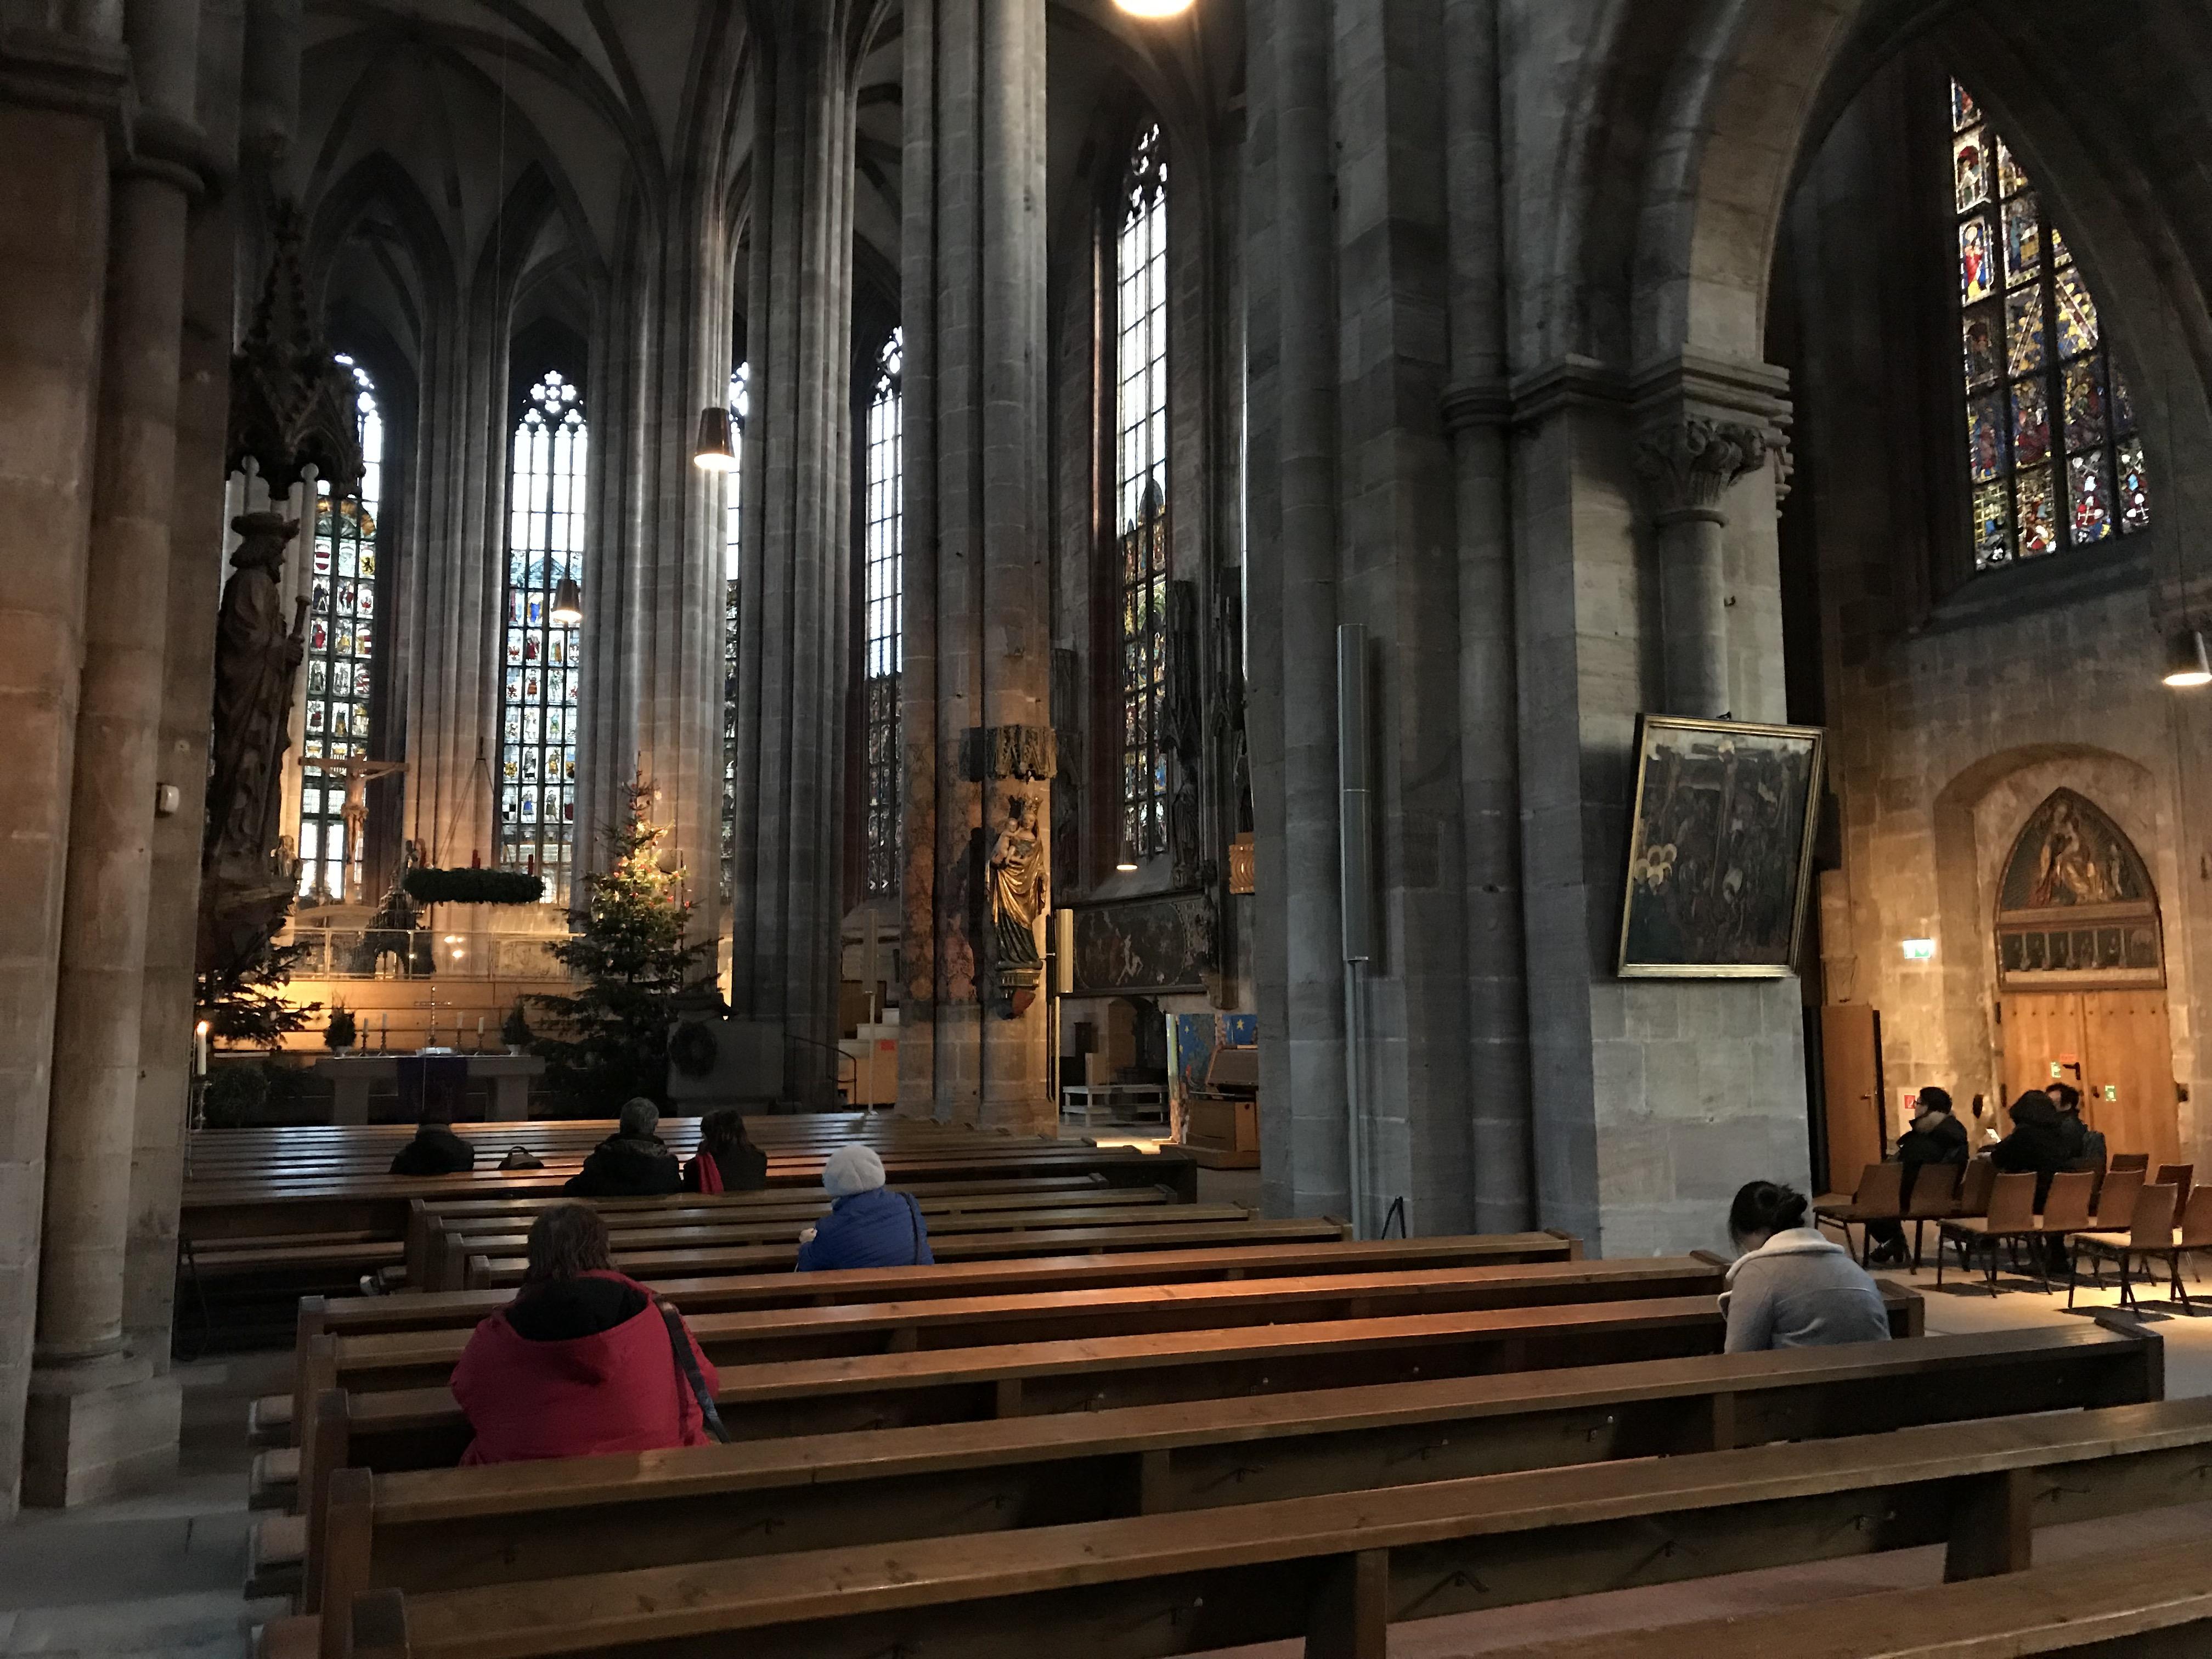 Frauenkirche Nürnberg聖母教会